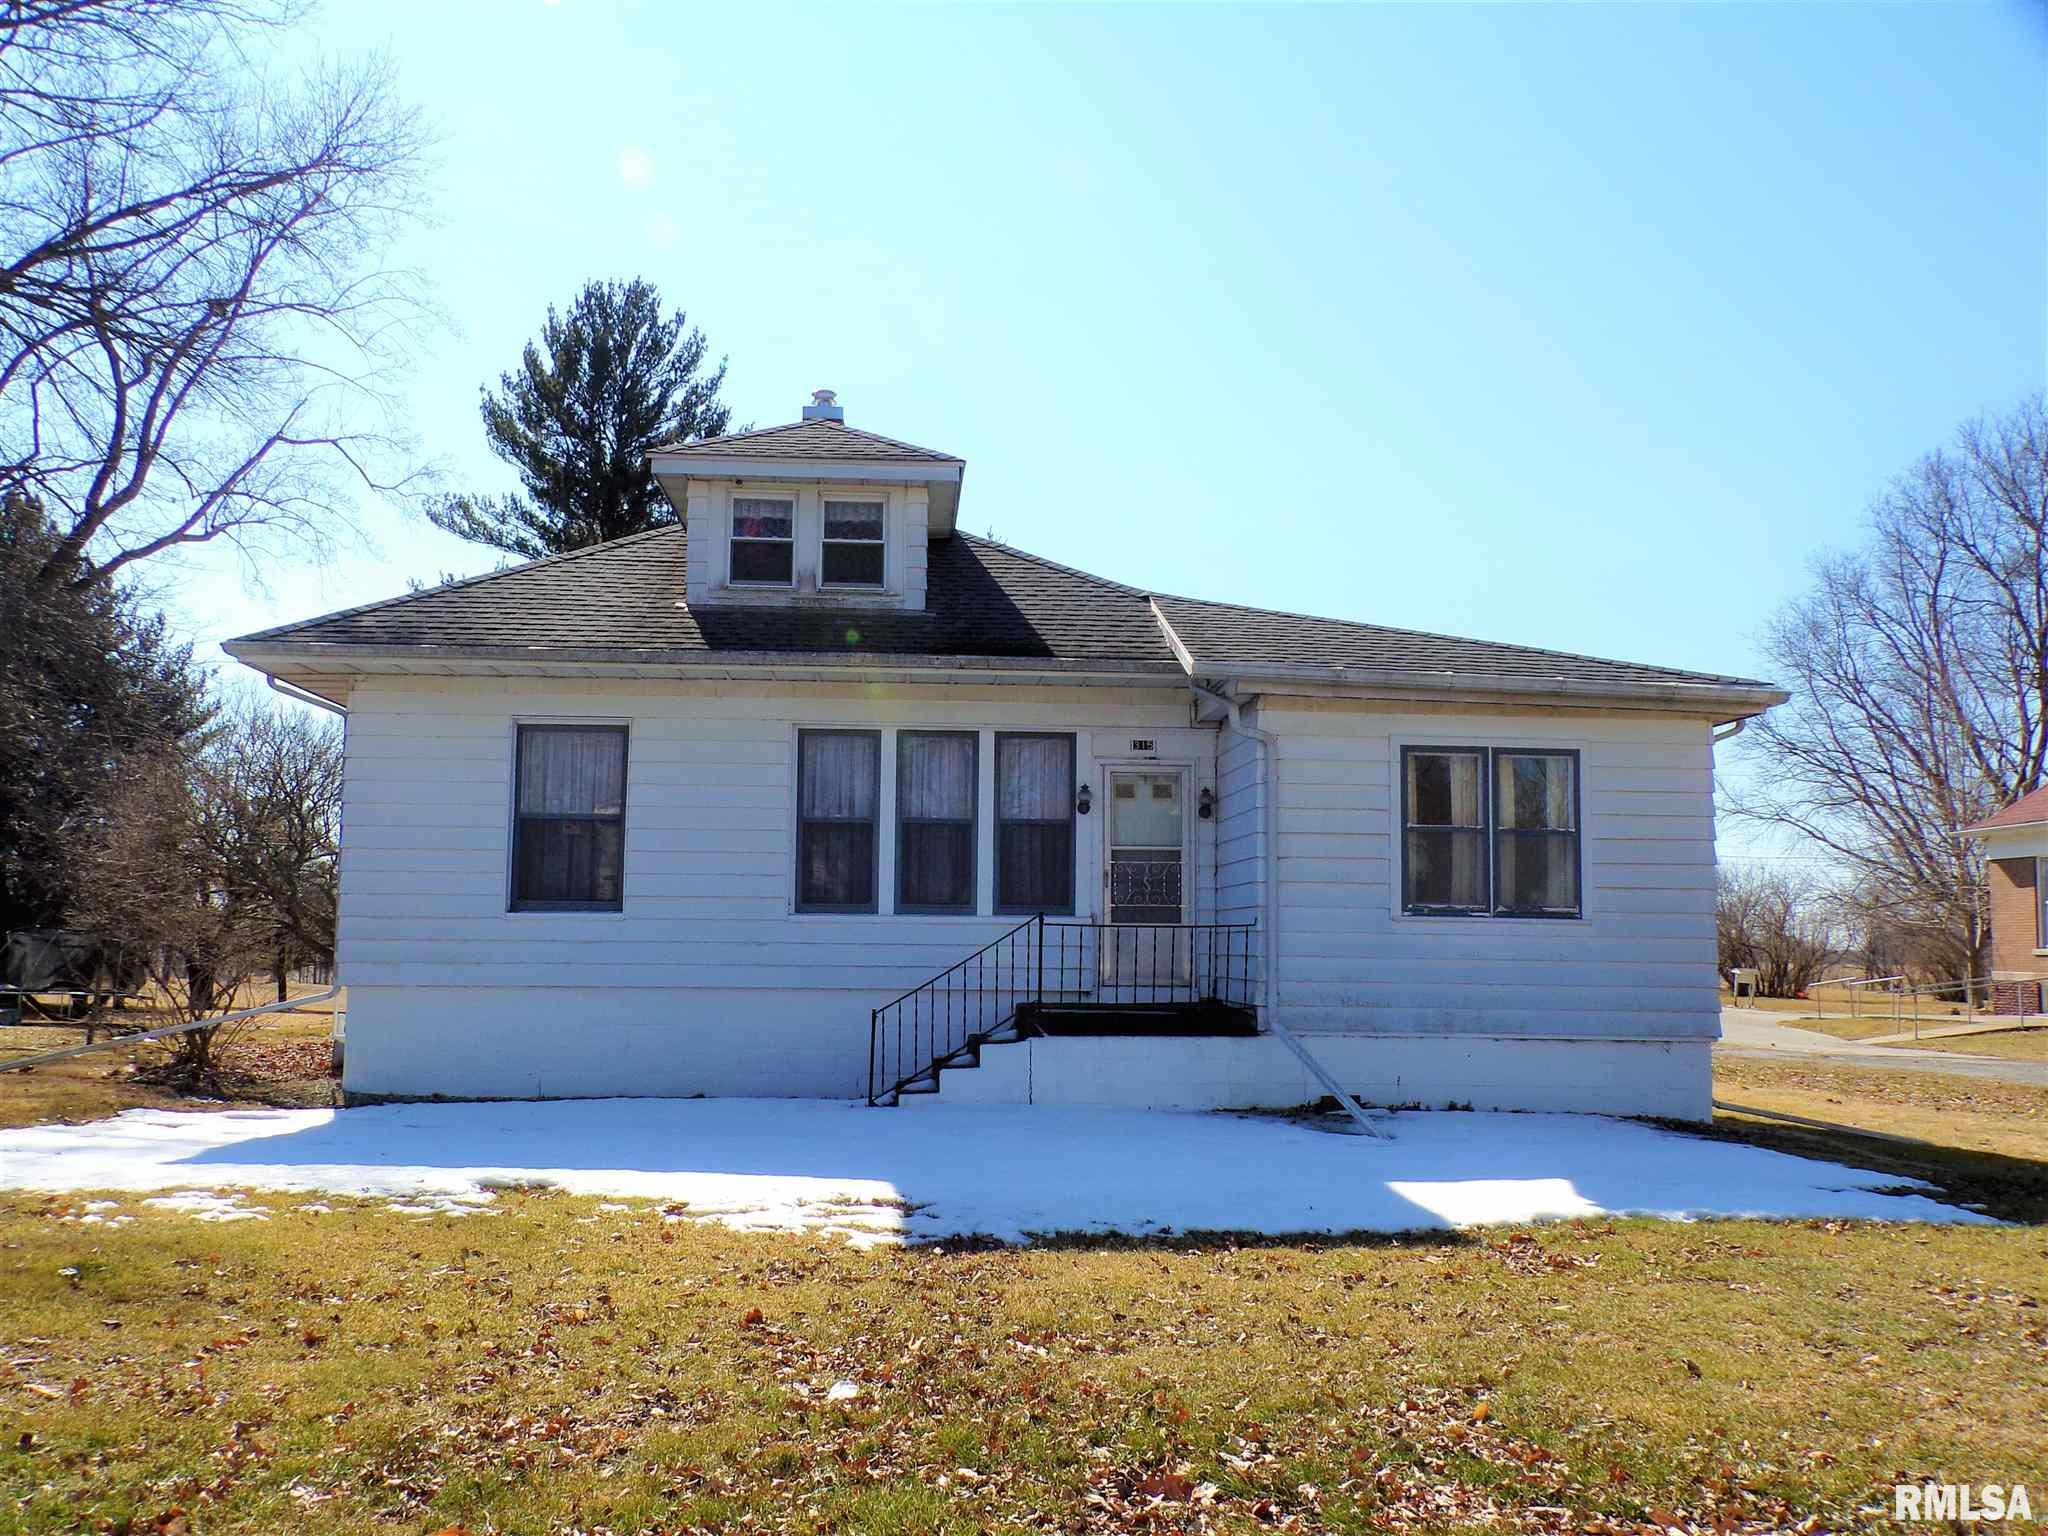 315 E CORTLAND Property Photo - Avon, IL real estate listing